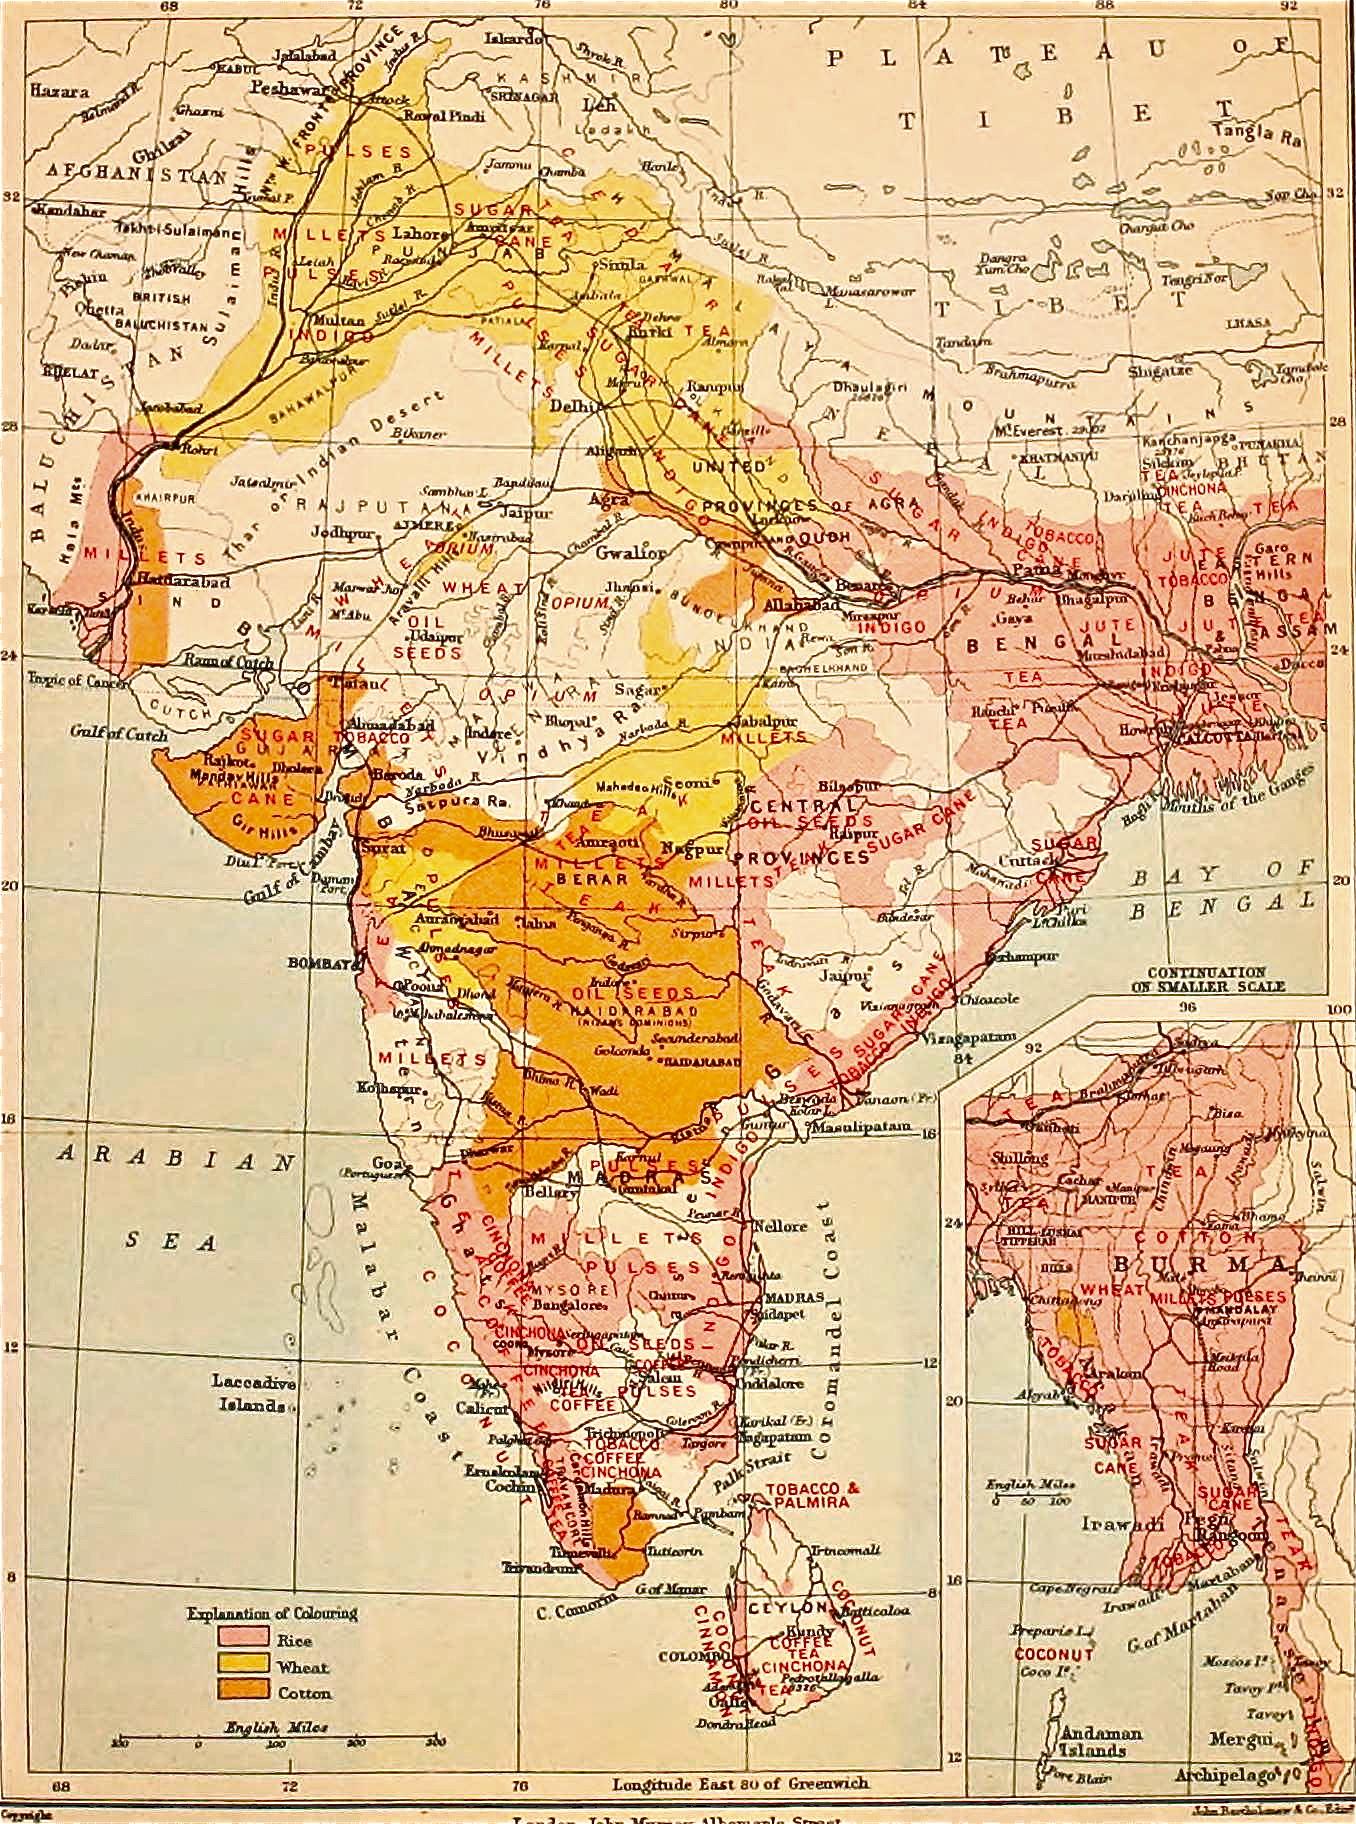 file1911 map of british india showing crop land dedicated to opium jute indigo sugarcane